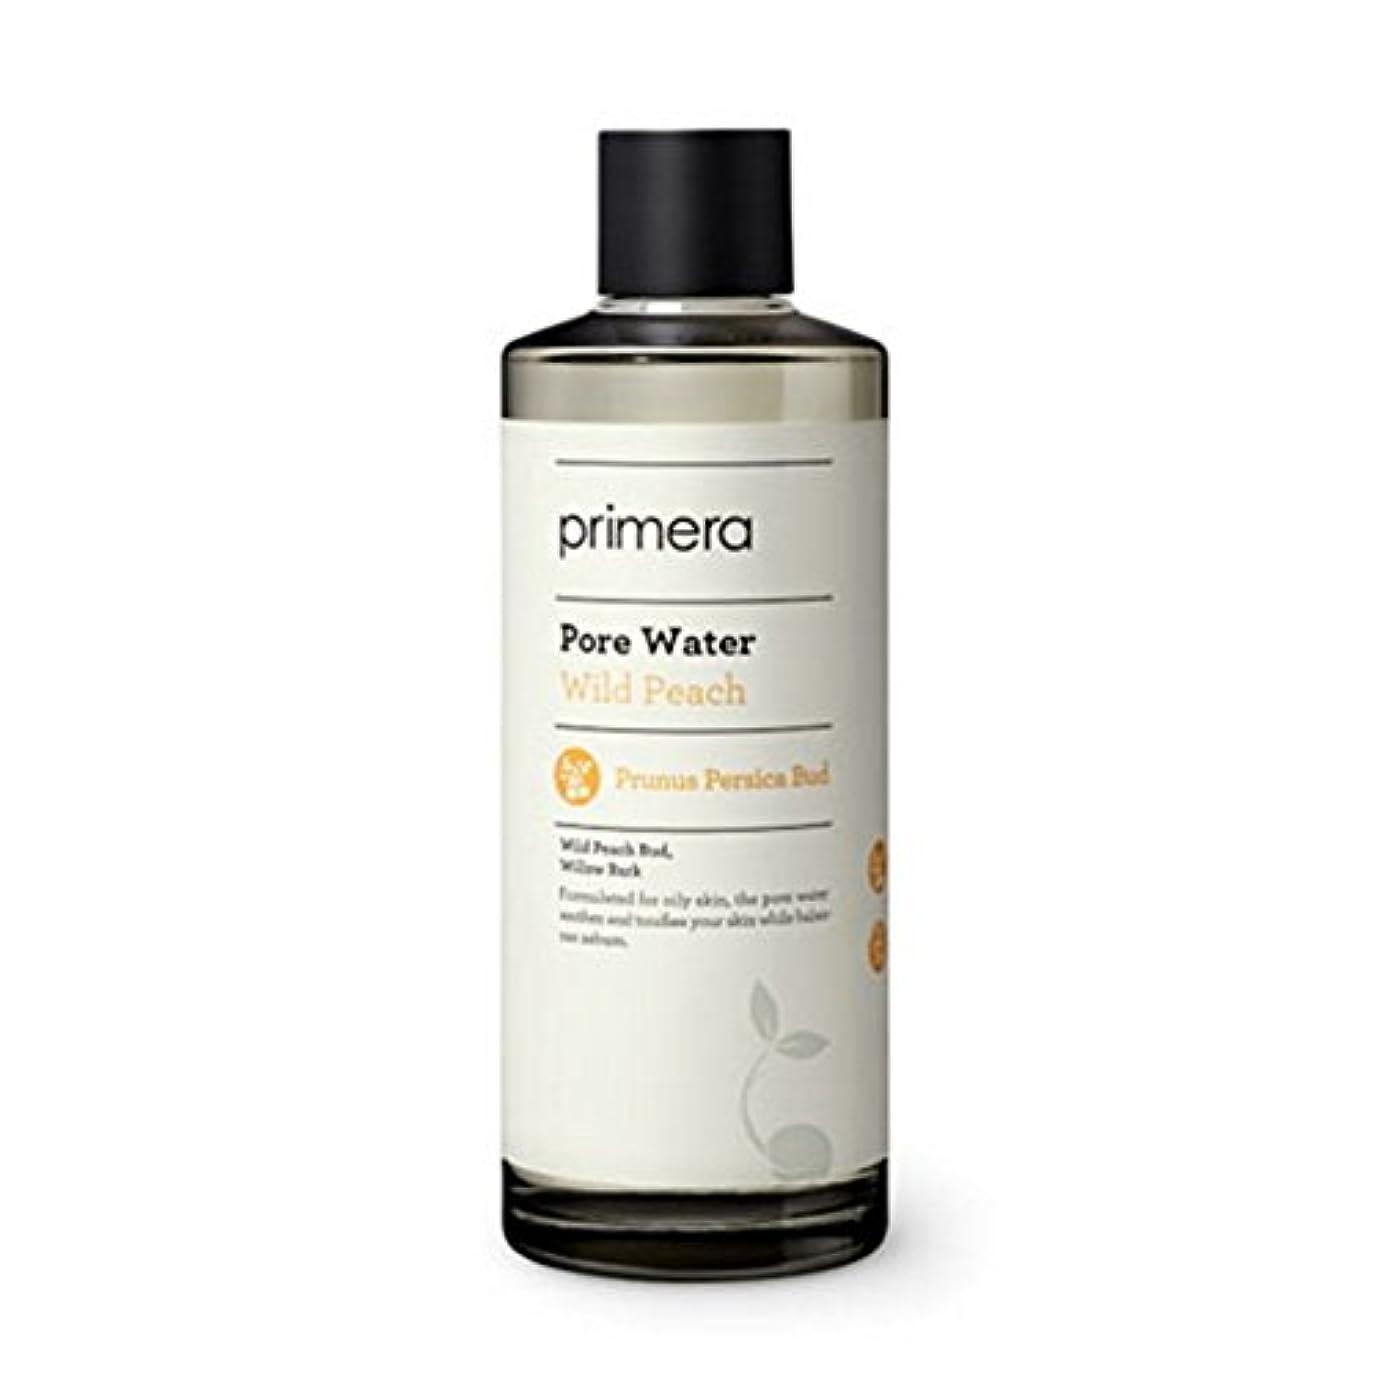 【プリメーラ】 PRIMERA Wild Peach Pore Water ワイルドピッチフォアウォーター 【韓国直送品】 OOPSPANDA